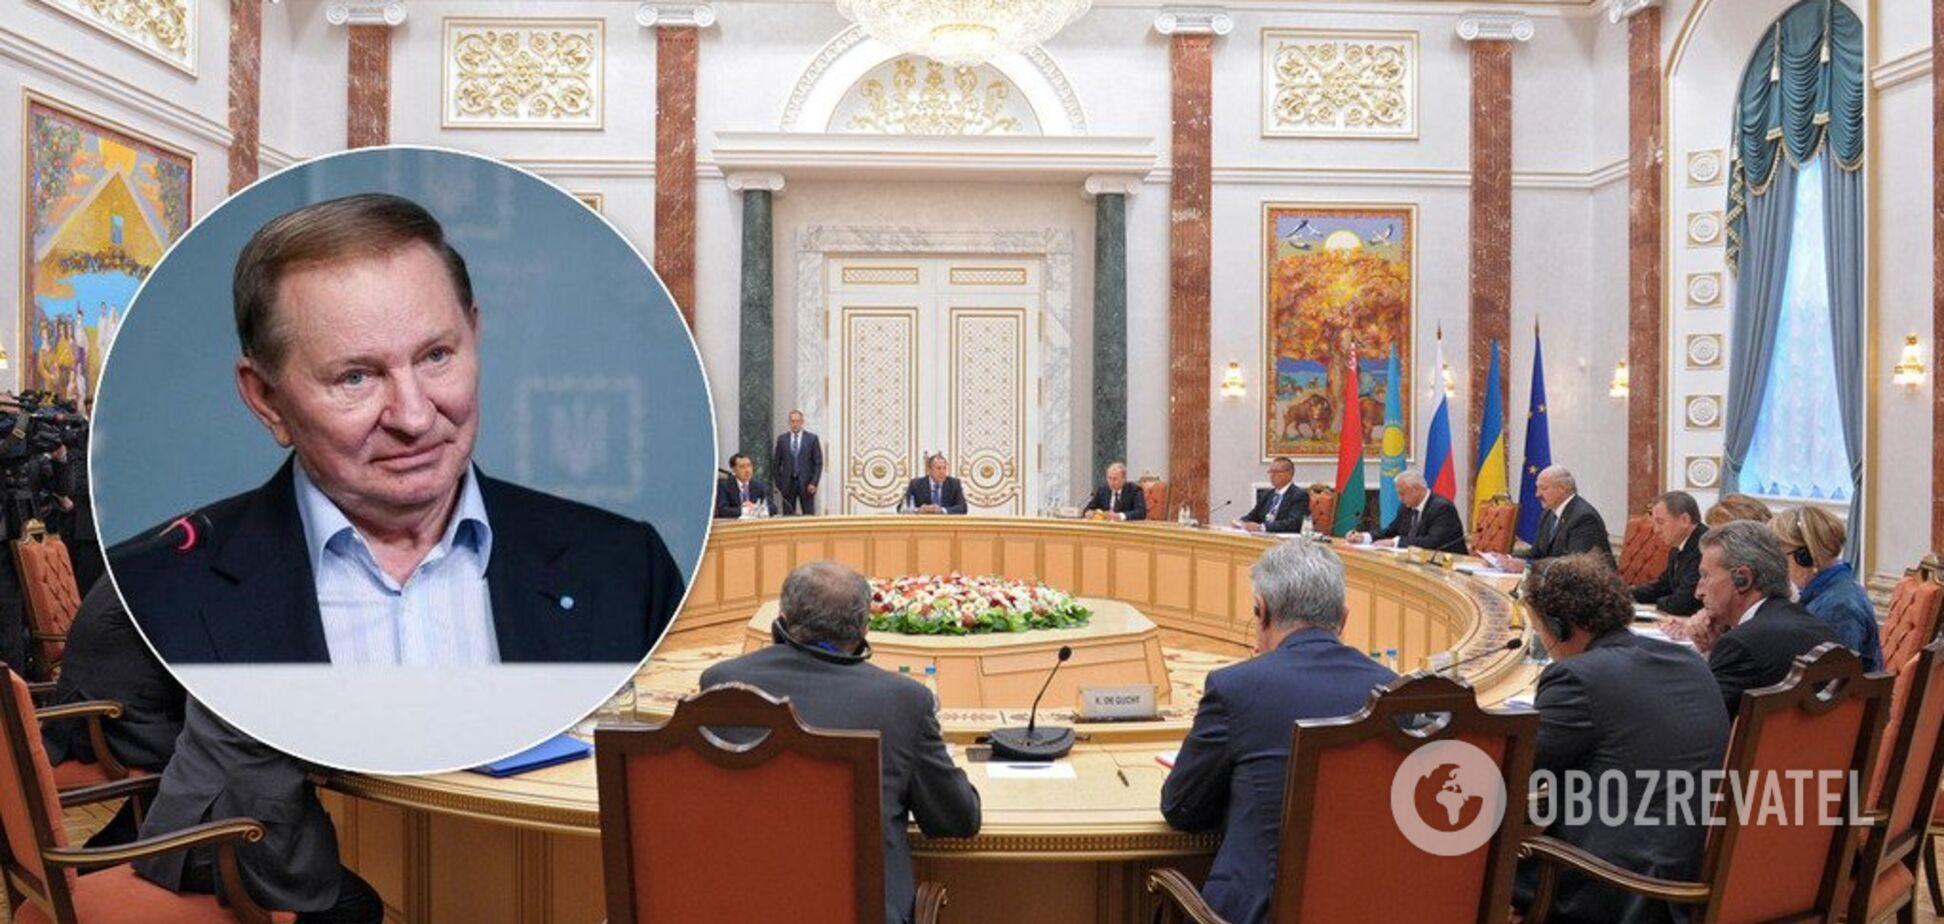 'Подписали': в России сообщили громкую новость о 'формуле Штайнмайера'